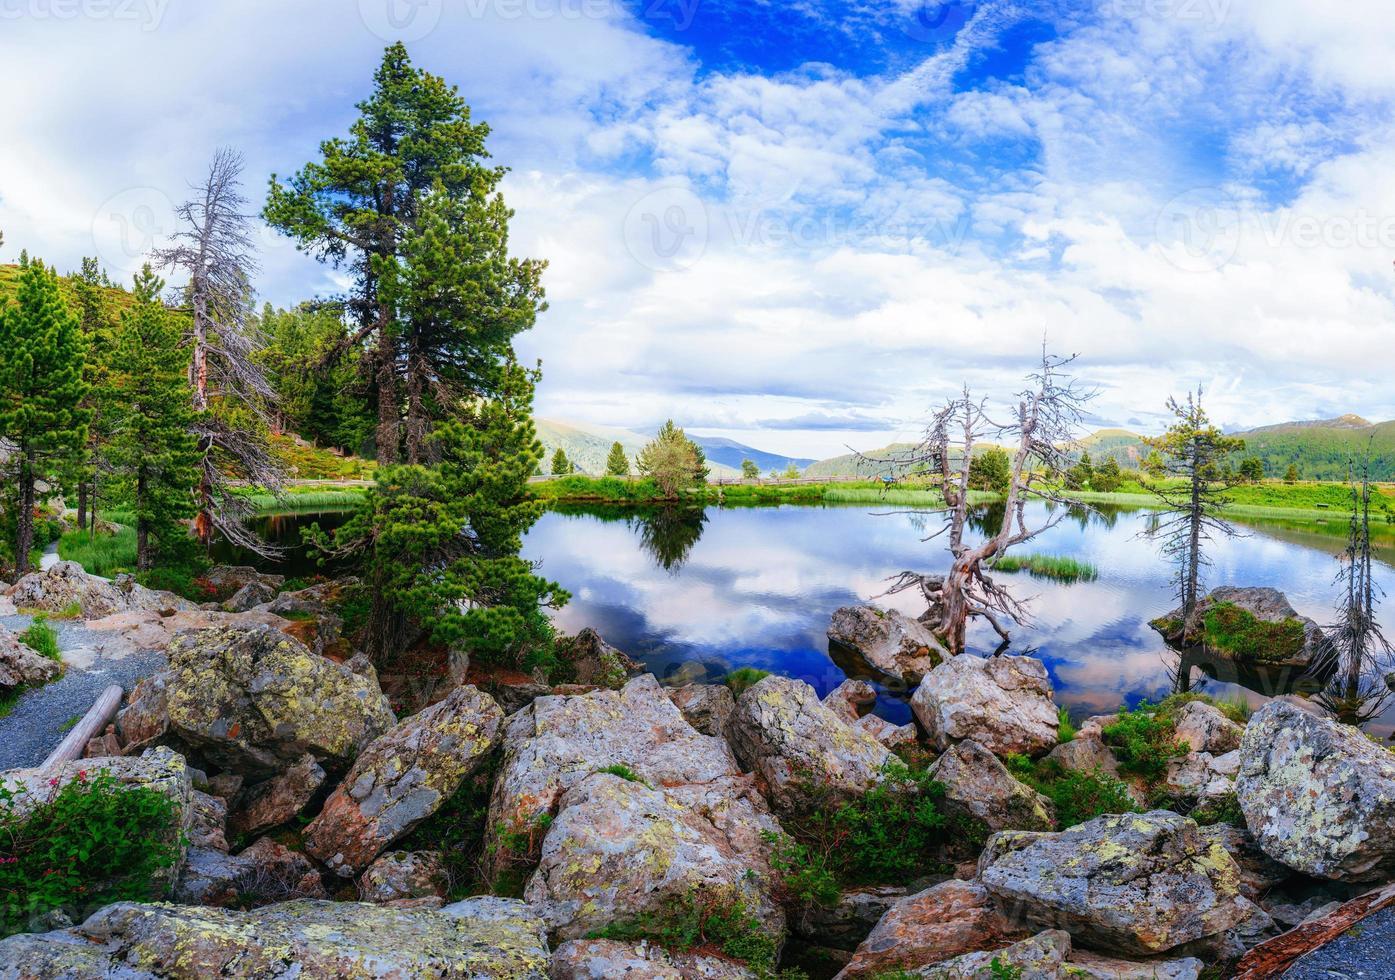 lac entre montagnes photo